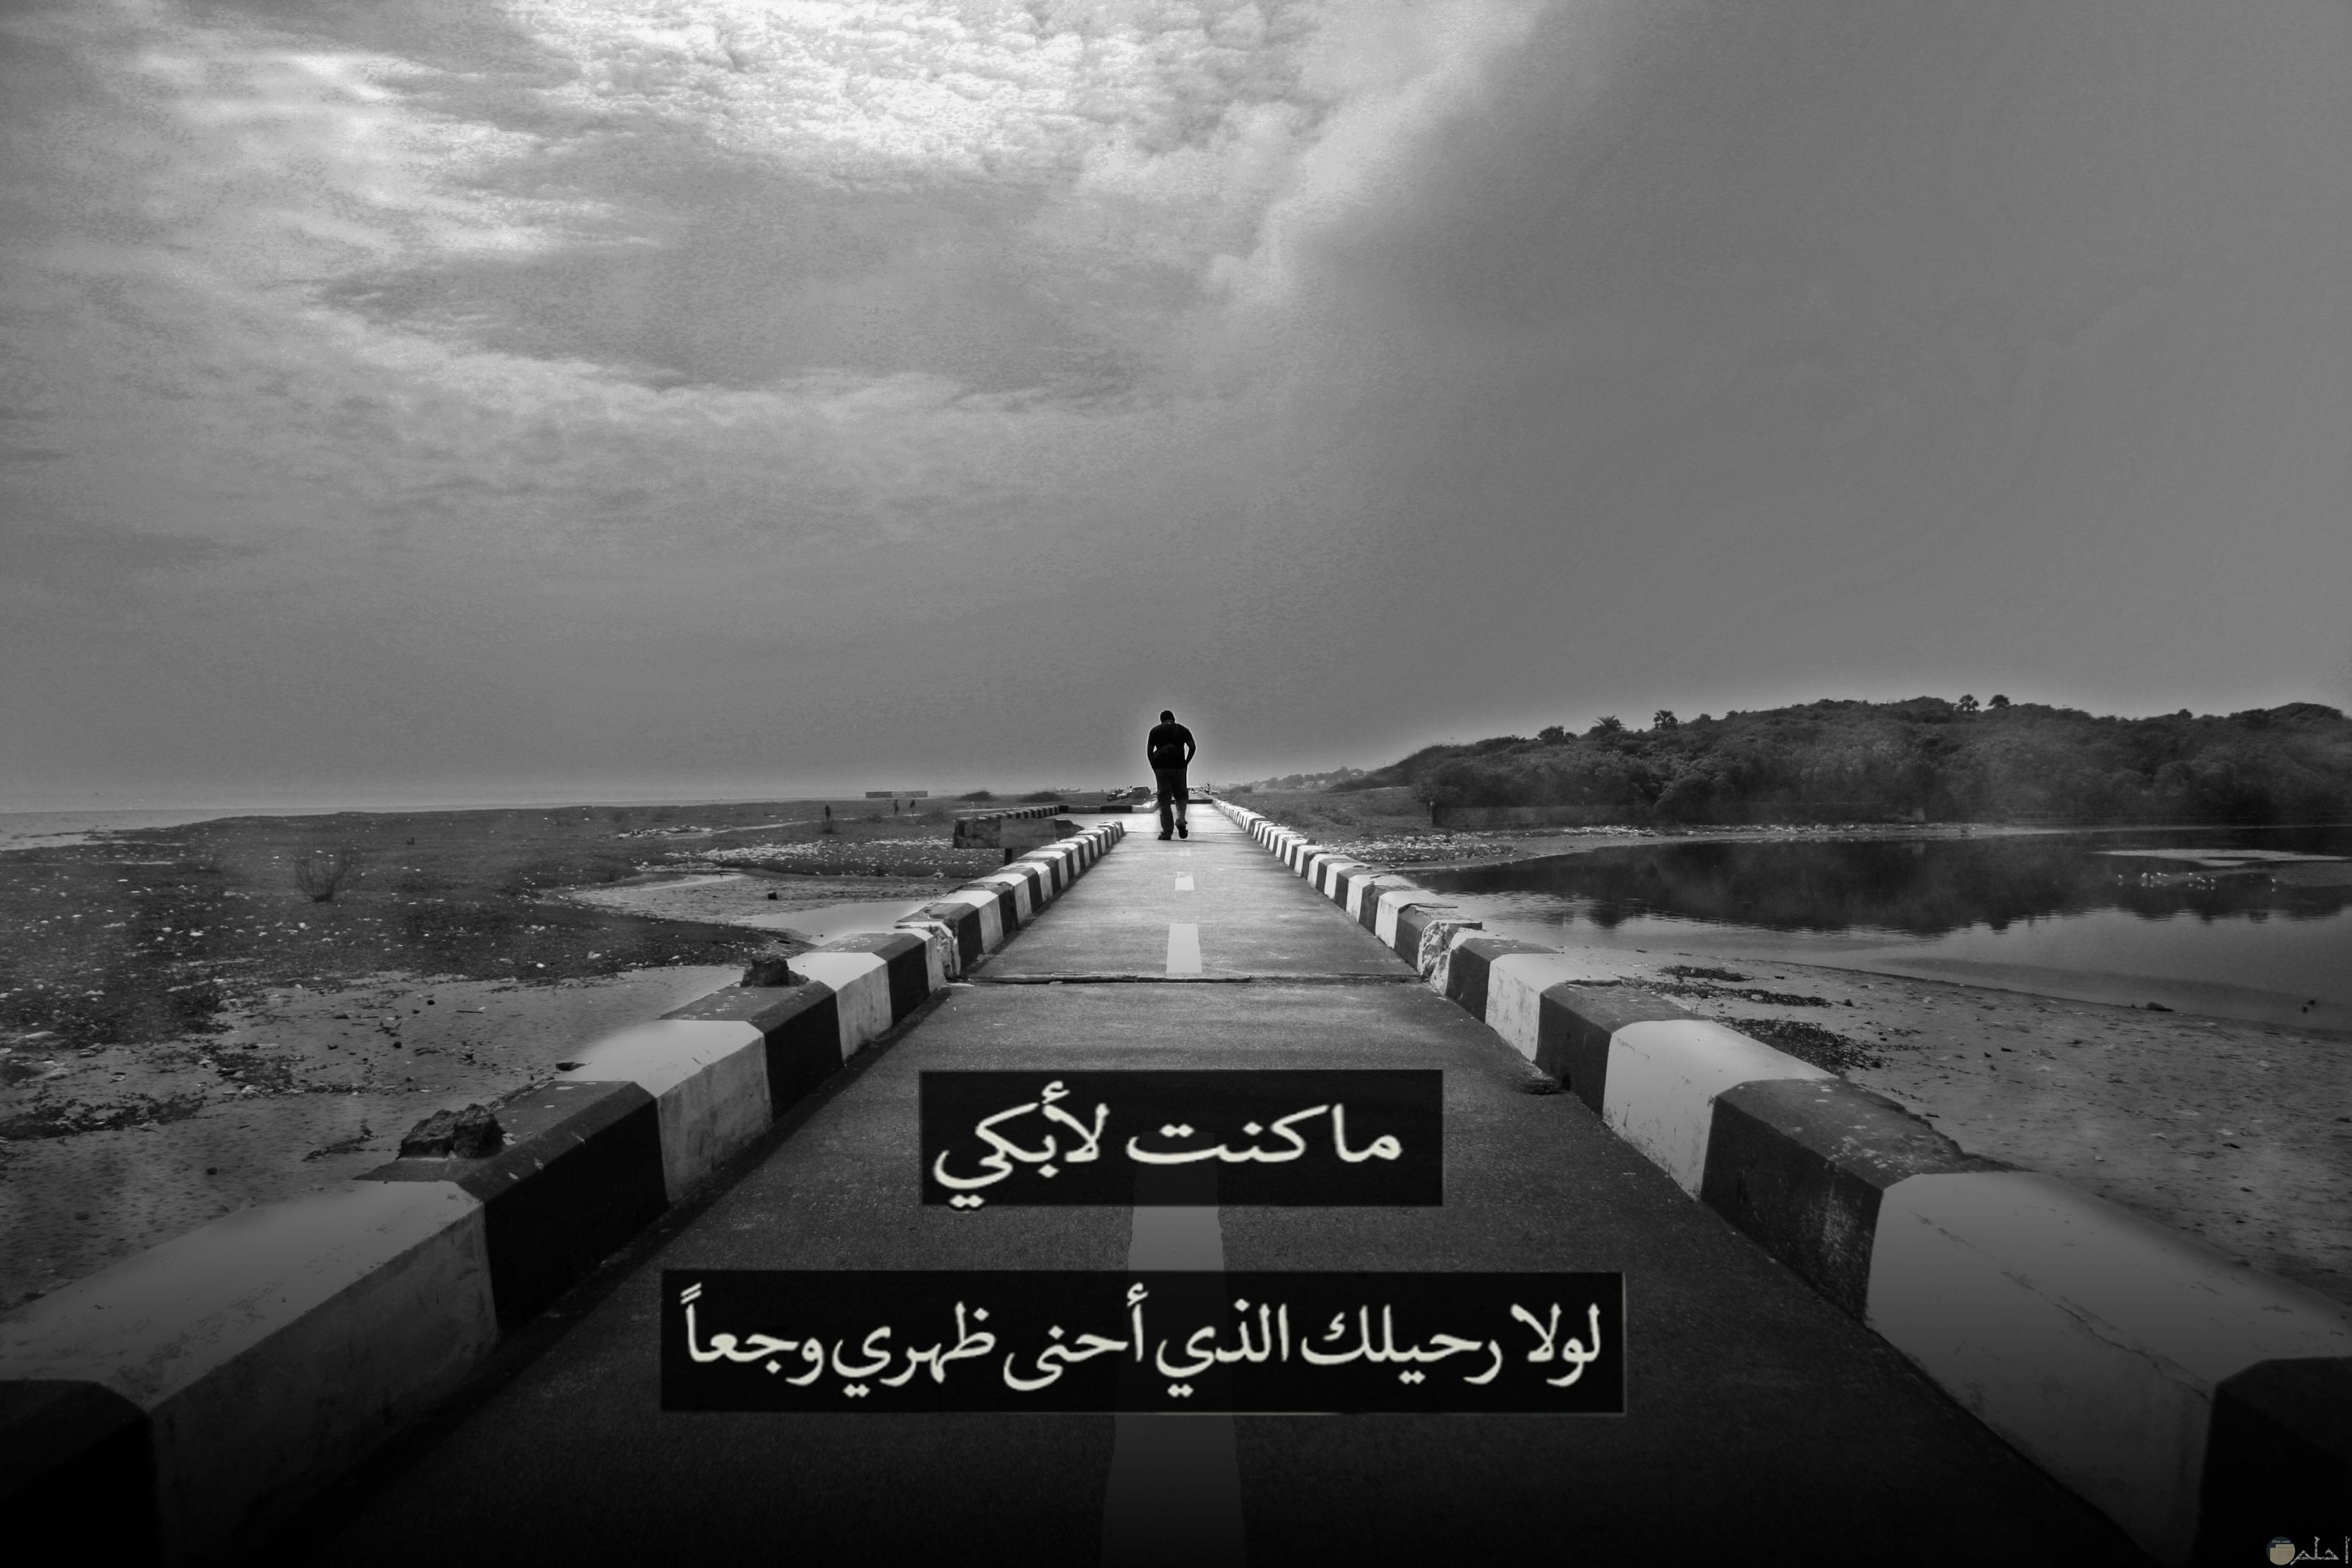 عبارت حزينة وموجعة